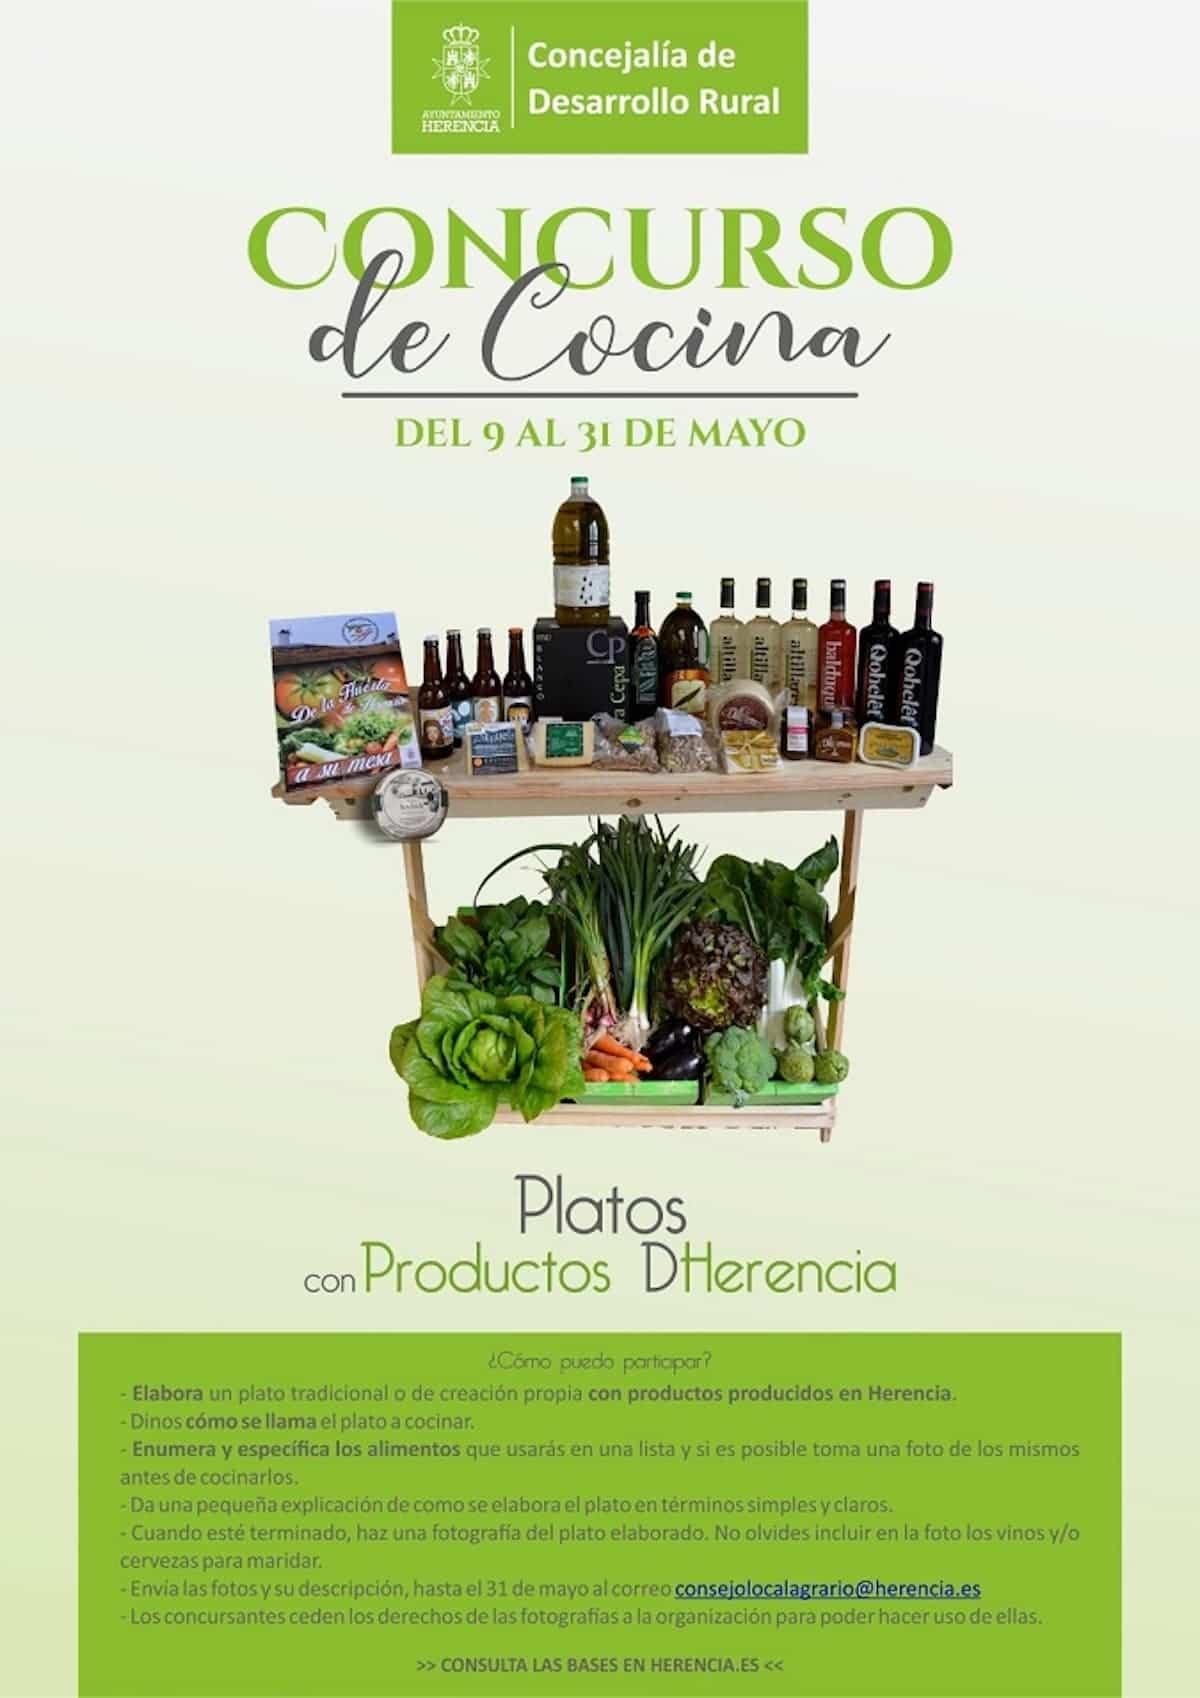 """concurso de cocina herencia covid - Los productos de Herencia protagonistas del """"Concurso de Cocina"""""""